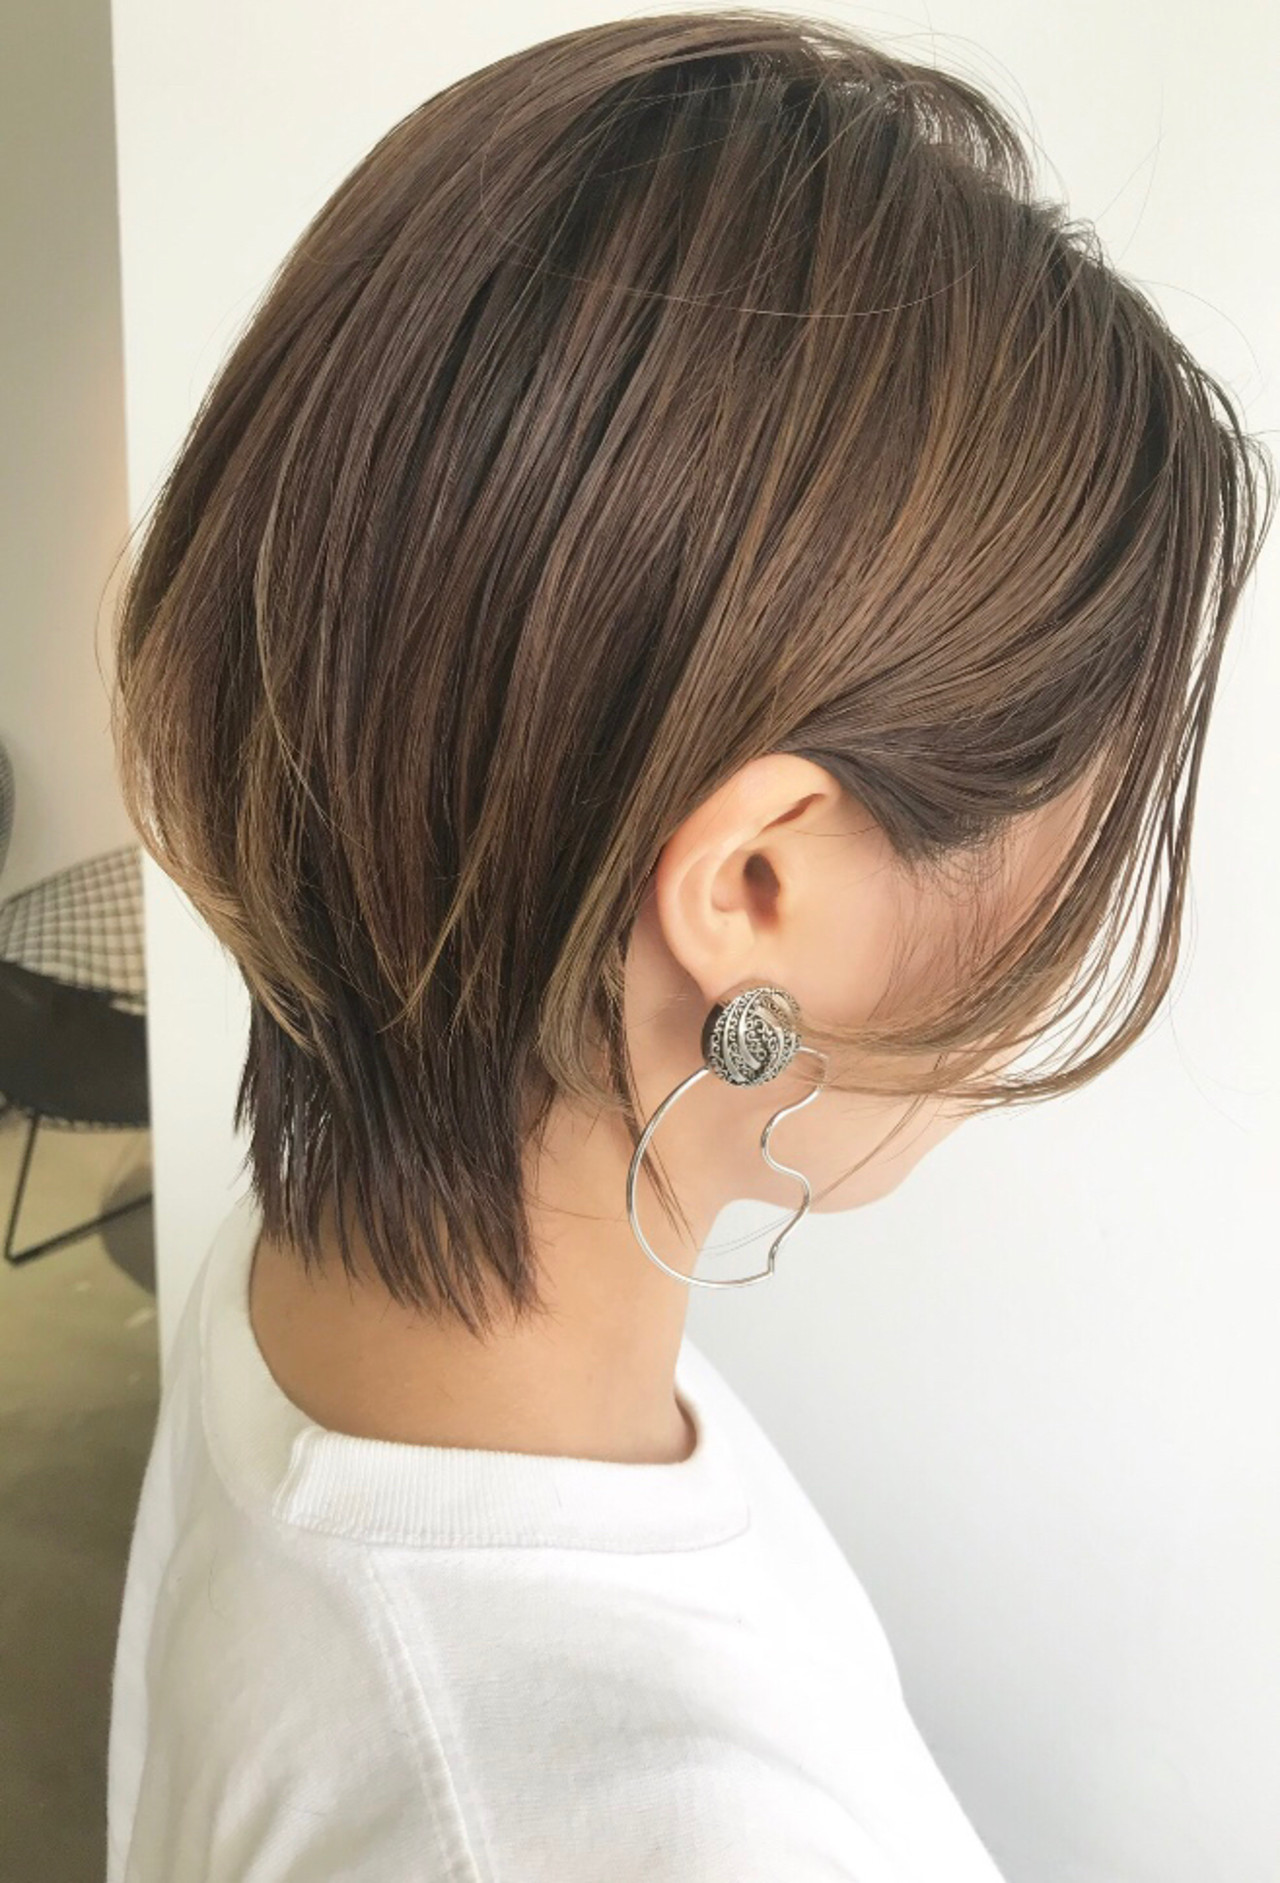 ショートボブ レイヤーヘアー レイヤーカット 大人ミディアム ヘアスタイルや髪型の写真・画像